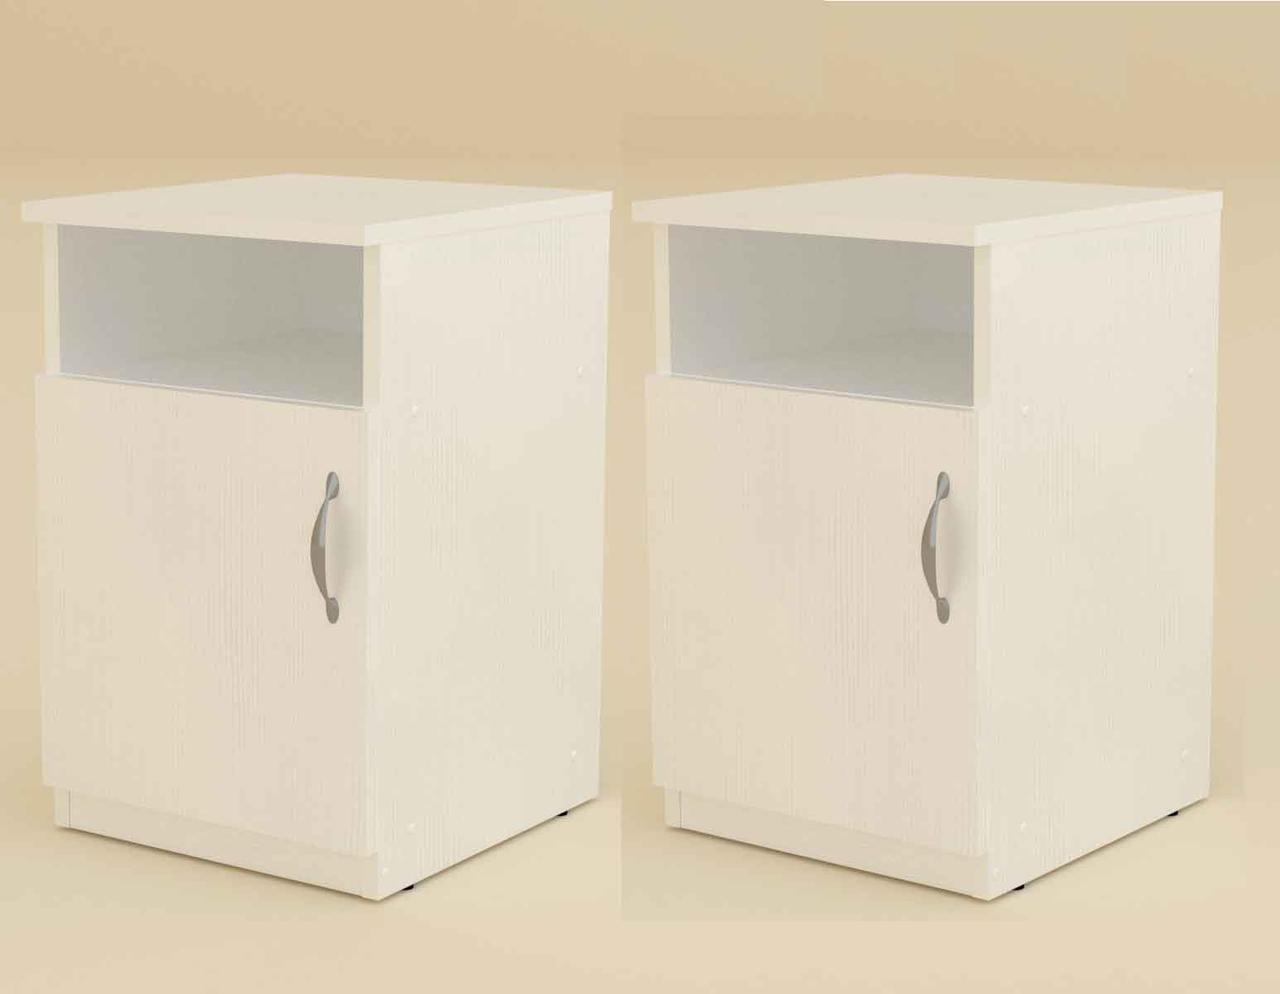 Тумба прикроватная ПКТ-1 (комплект 2 шт) белый Компанит (35х38х55 см)